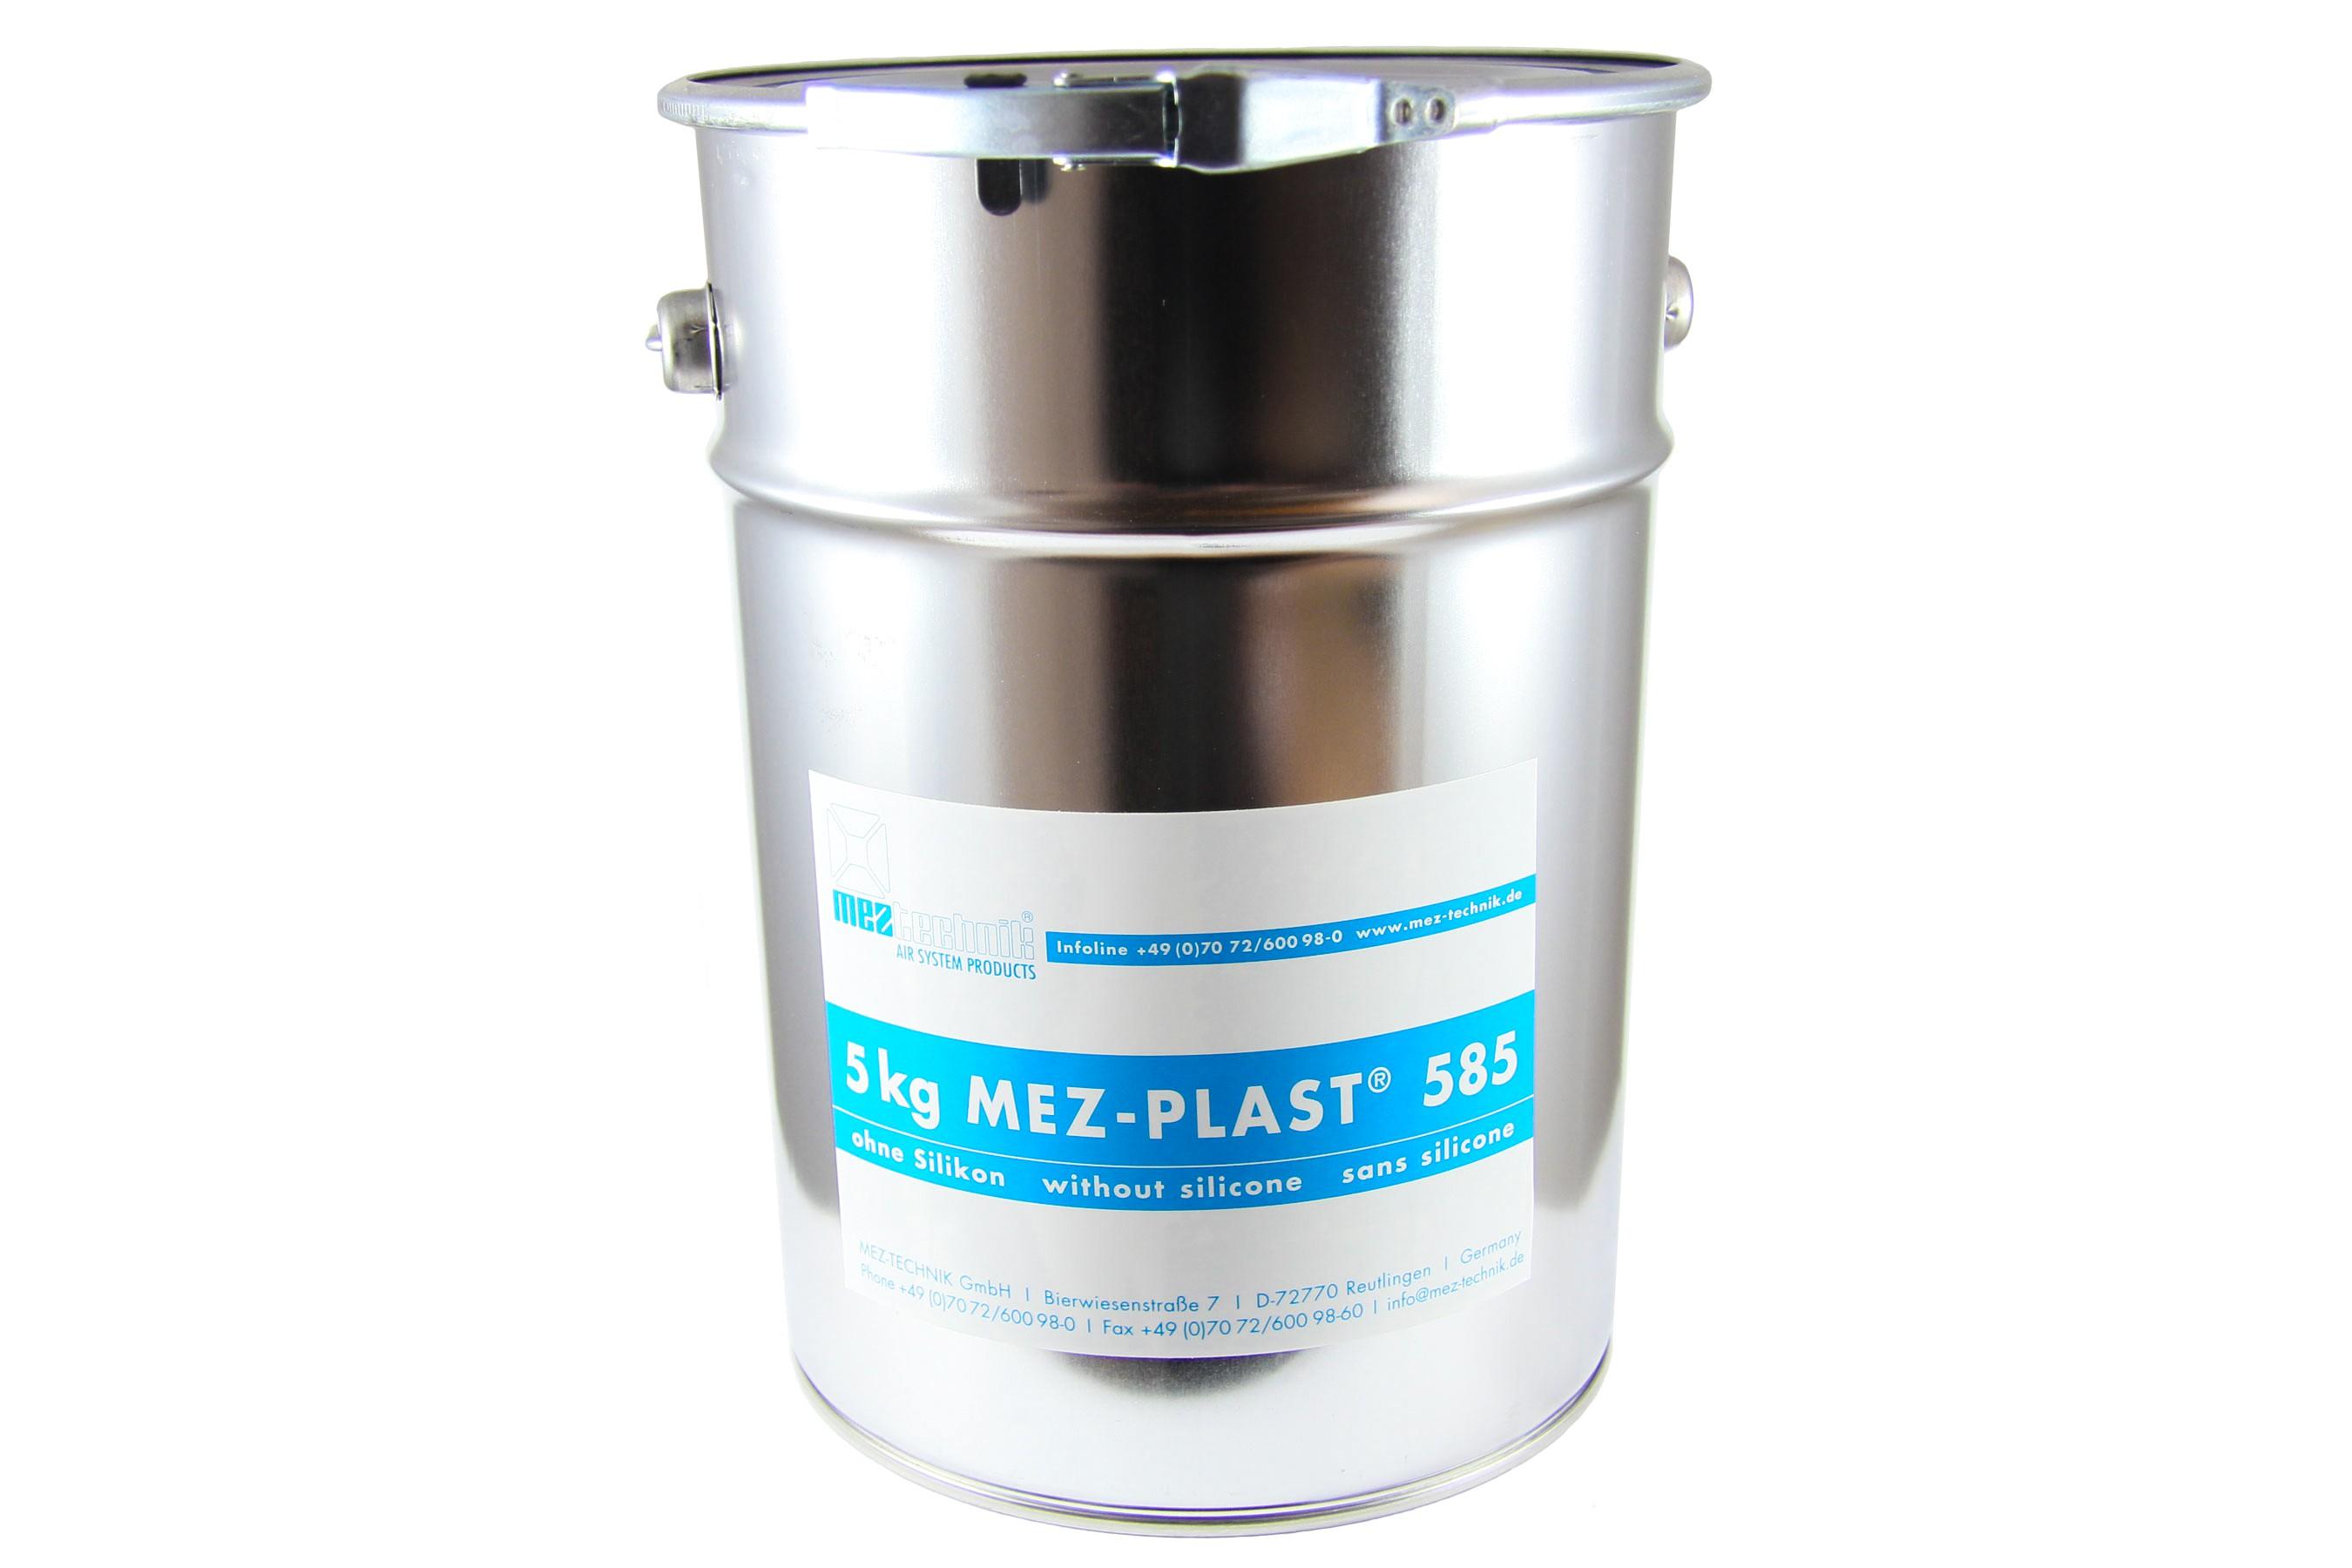 MEZ-PLAST 580 - 5 kg - Gebinde